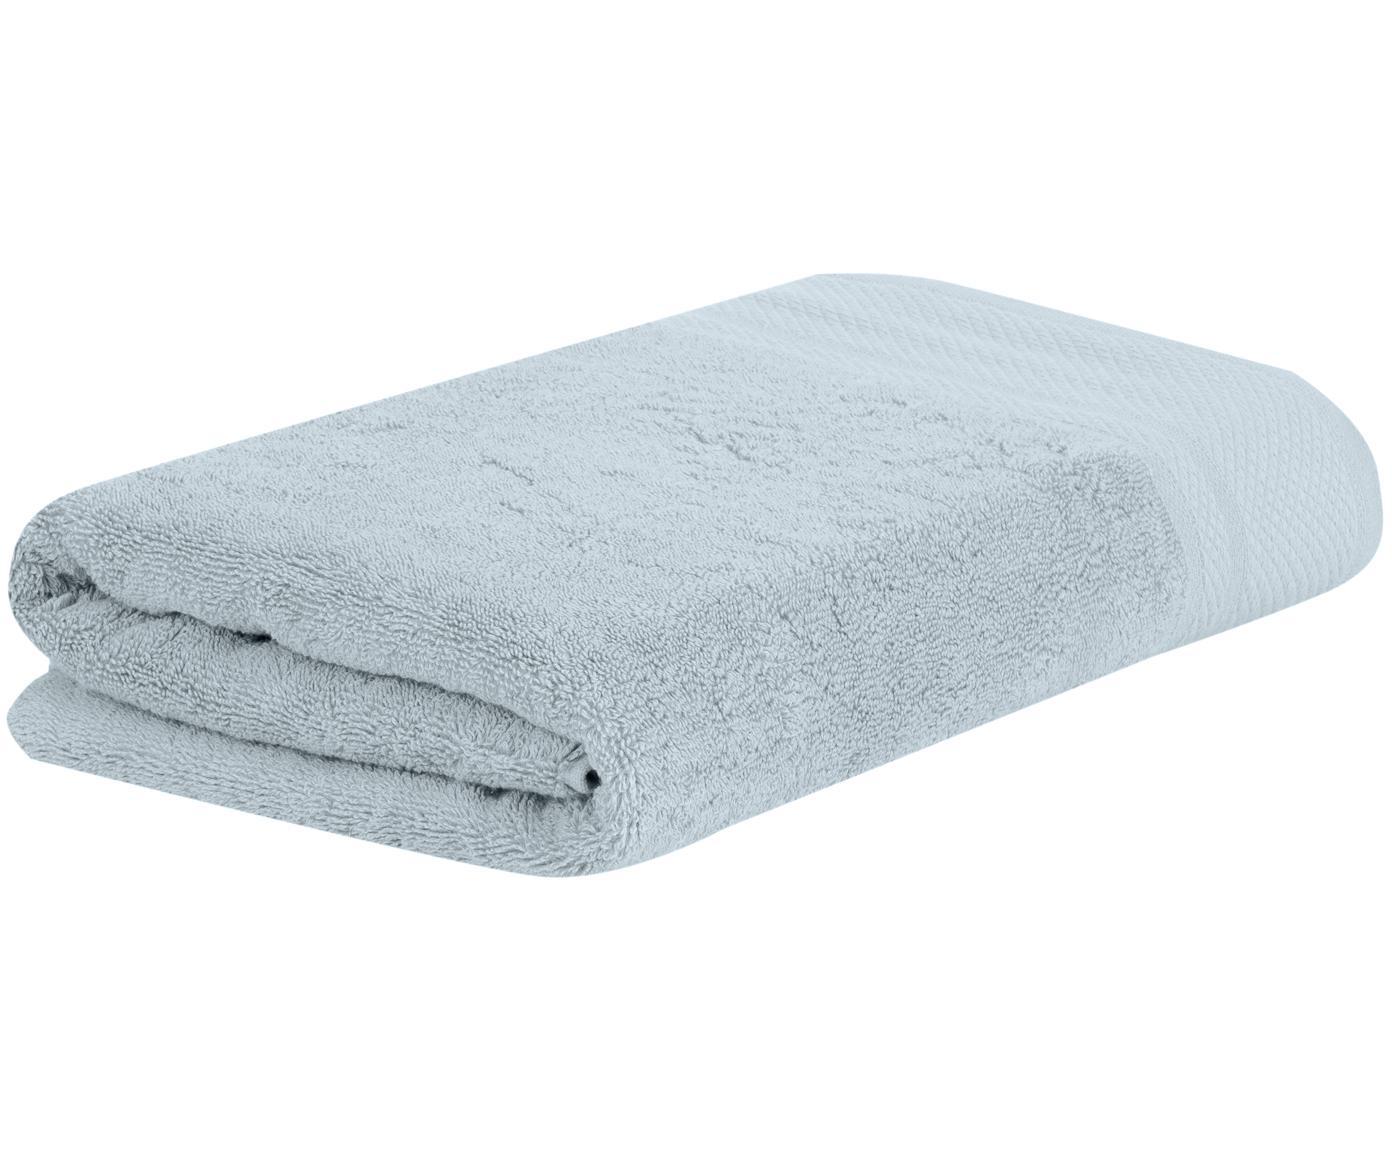 Asciugamano con bordo decorativo Premium, Azzurro, Asciugamano per ospiti Larg. 30 x Lung. 30 cm